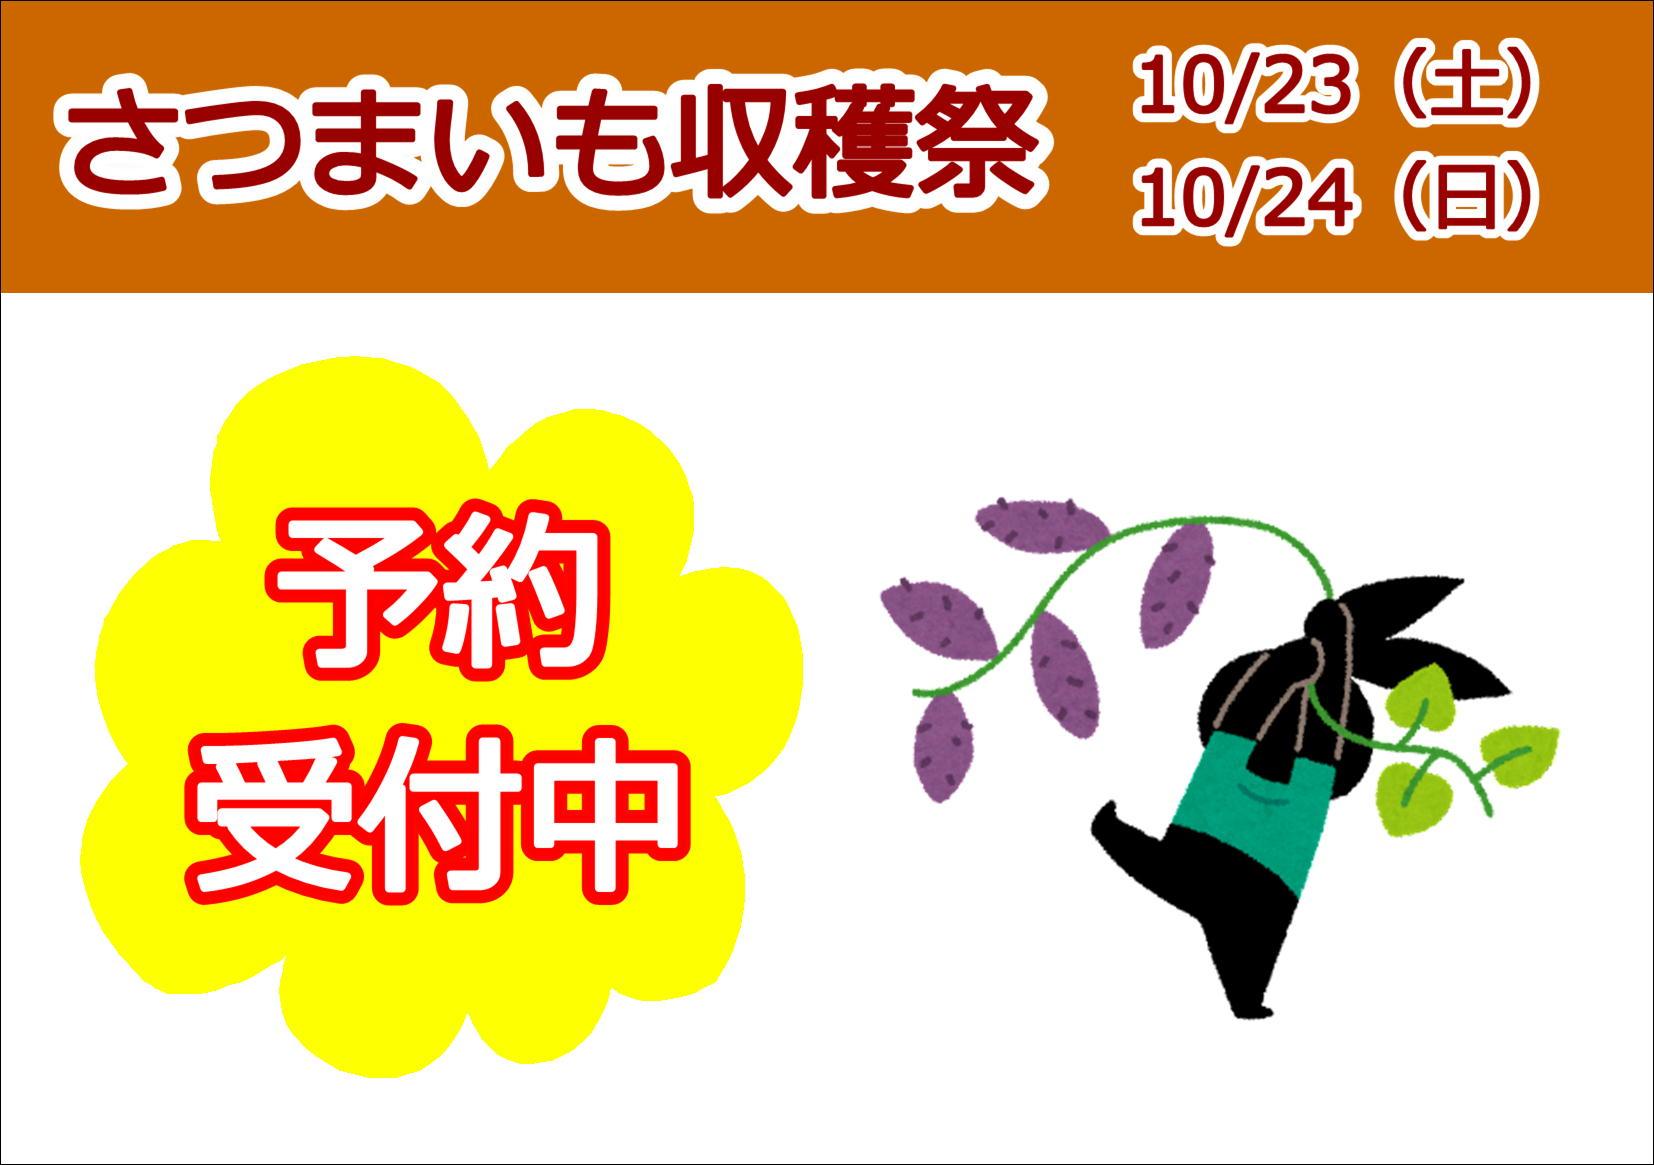 10/23(土)・24(日)大人気「親子サツマイモ収穫祭」開催!